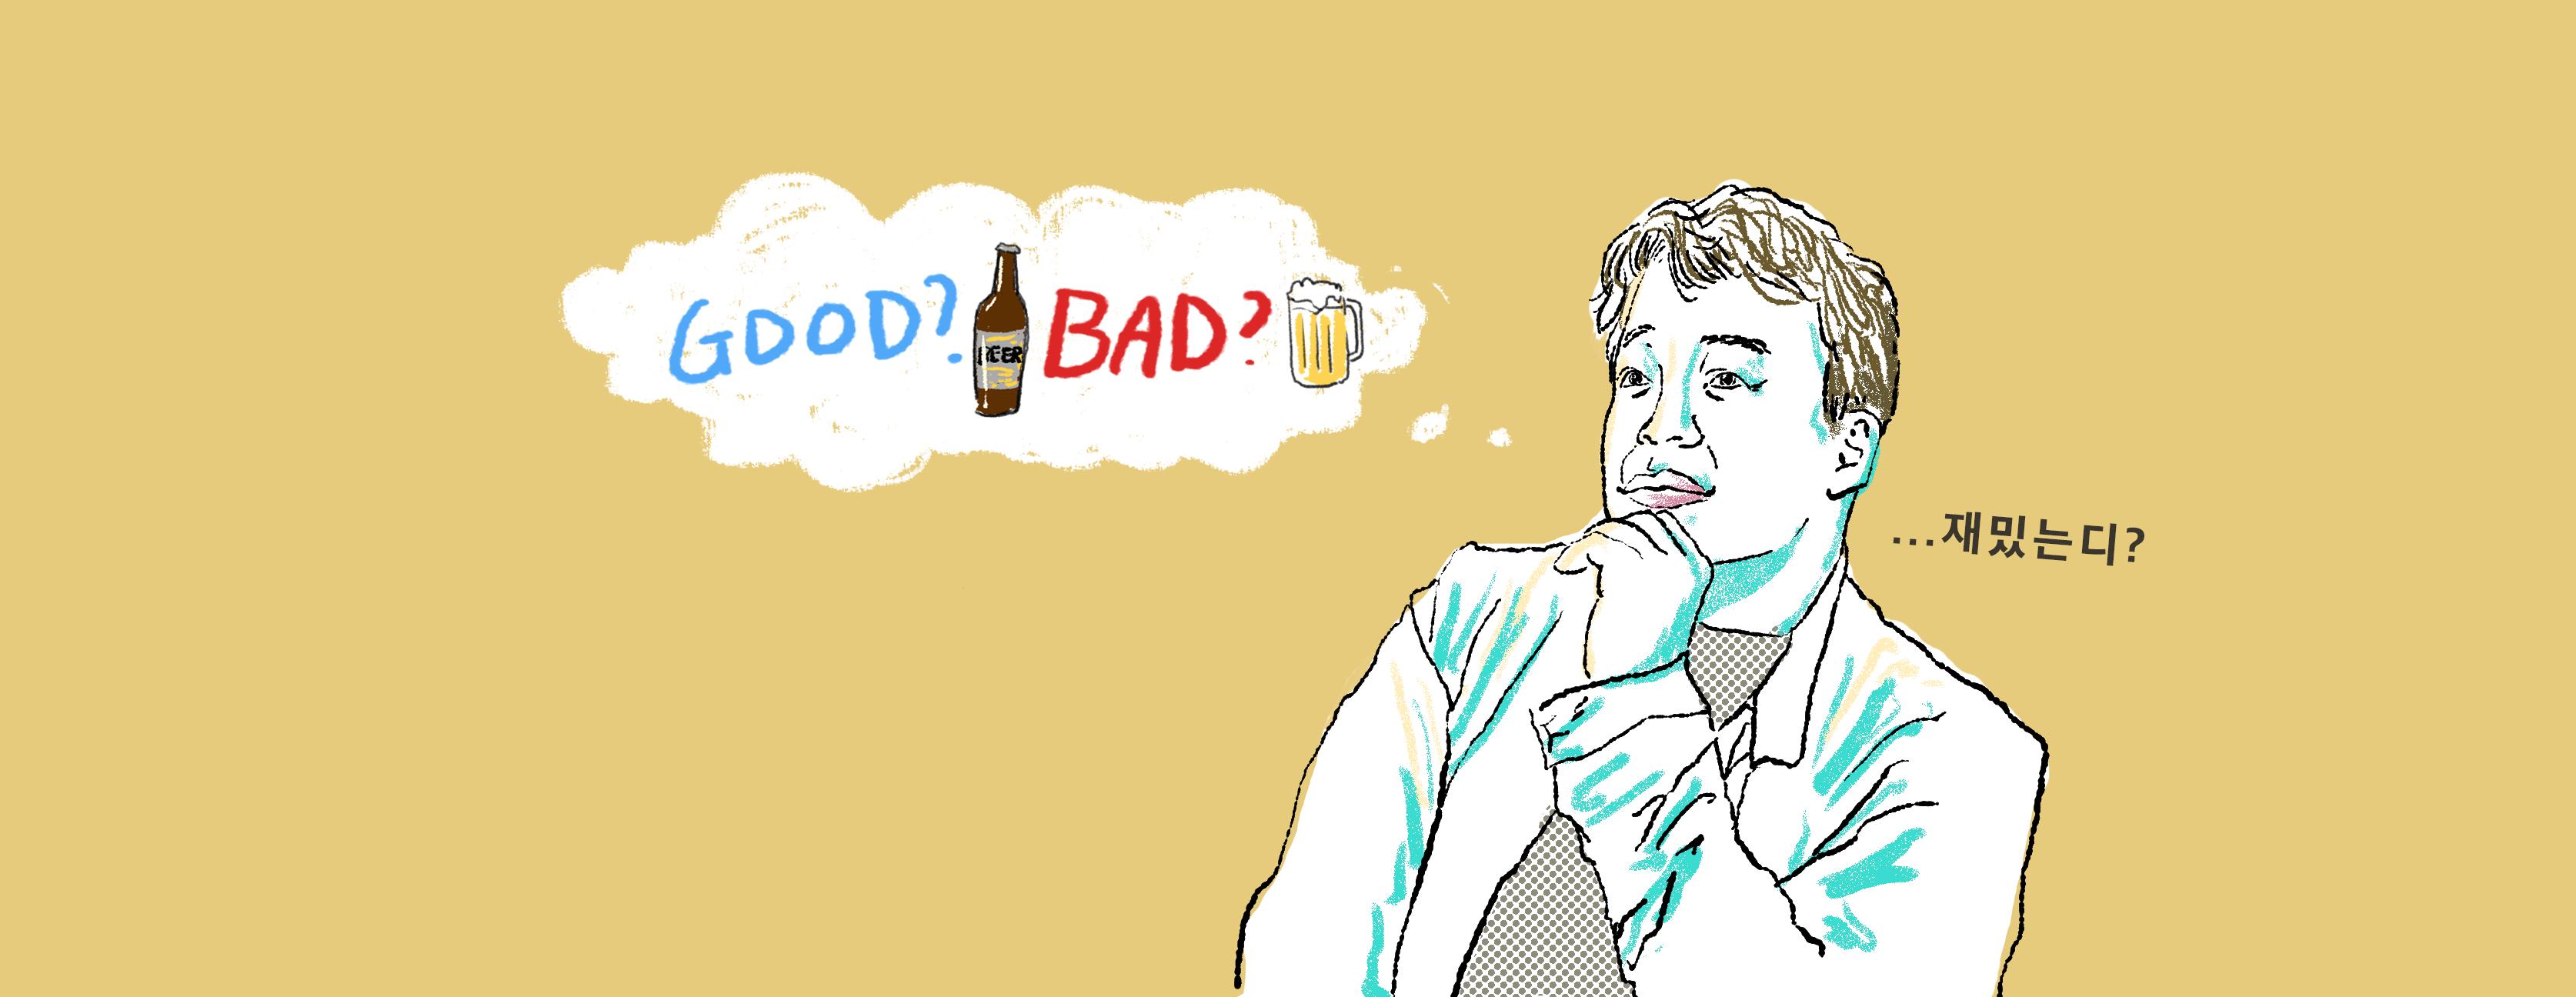 백종원의 관점에서 바라 본 좋은 맥주, 나쁜 맥주